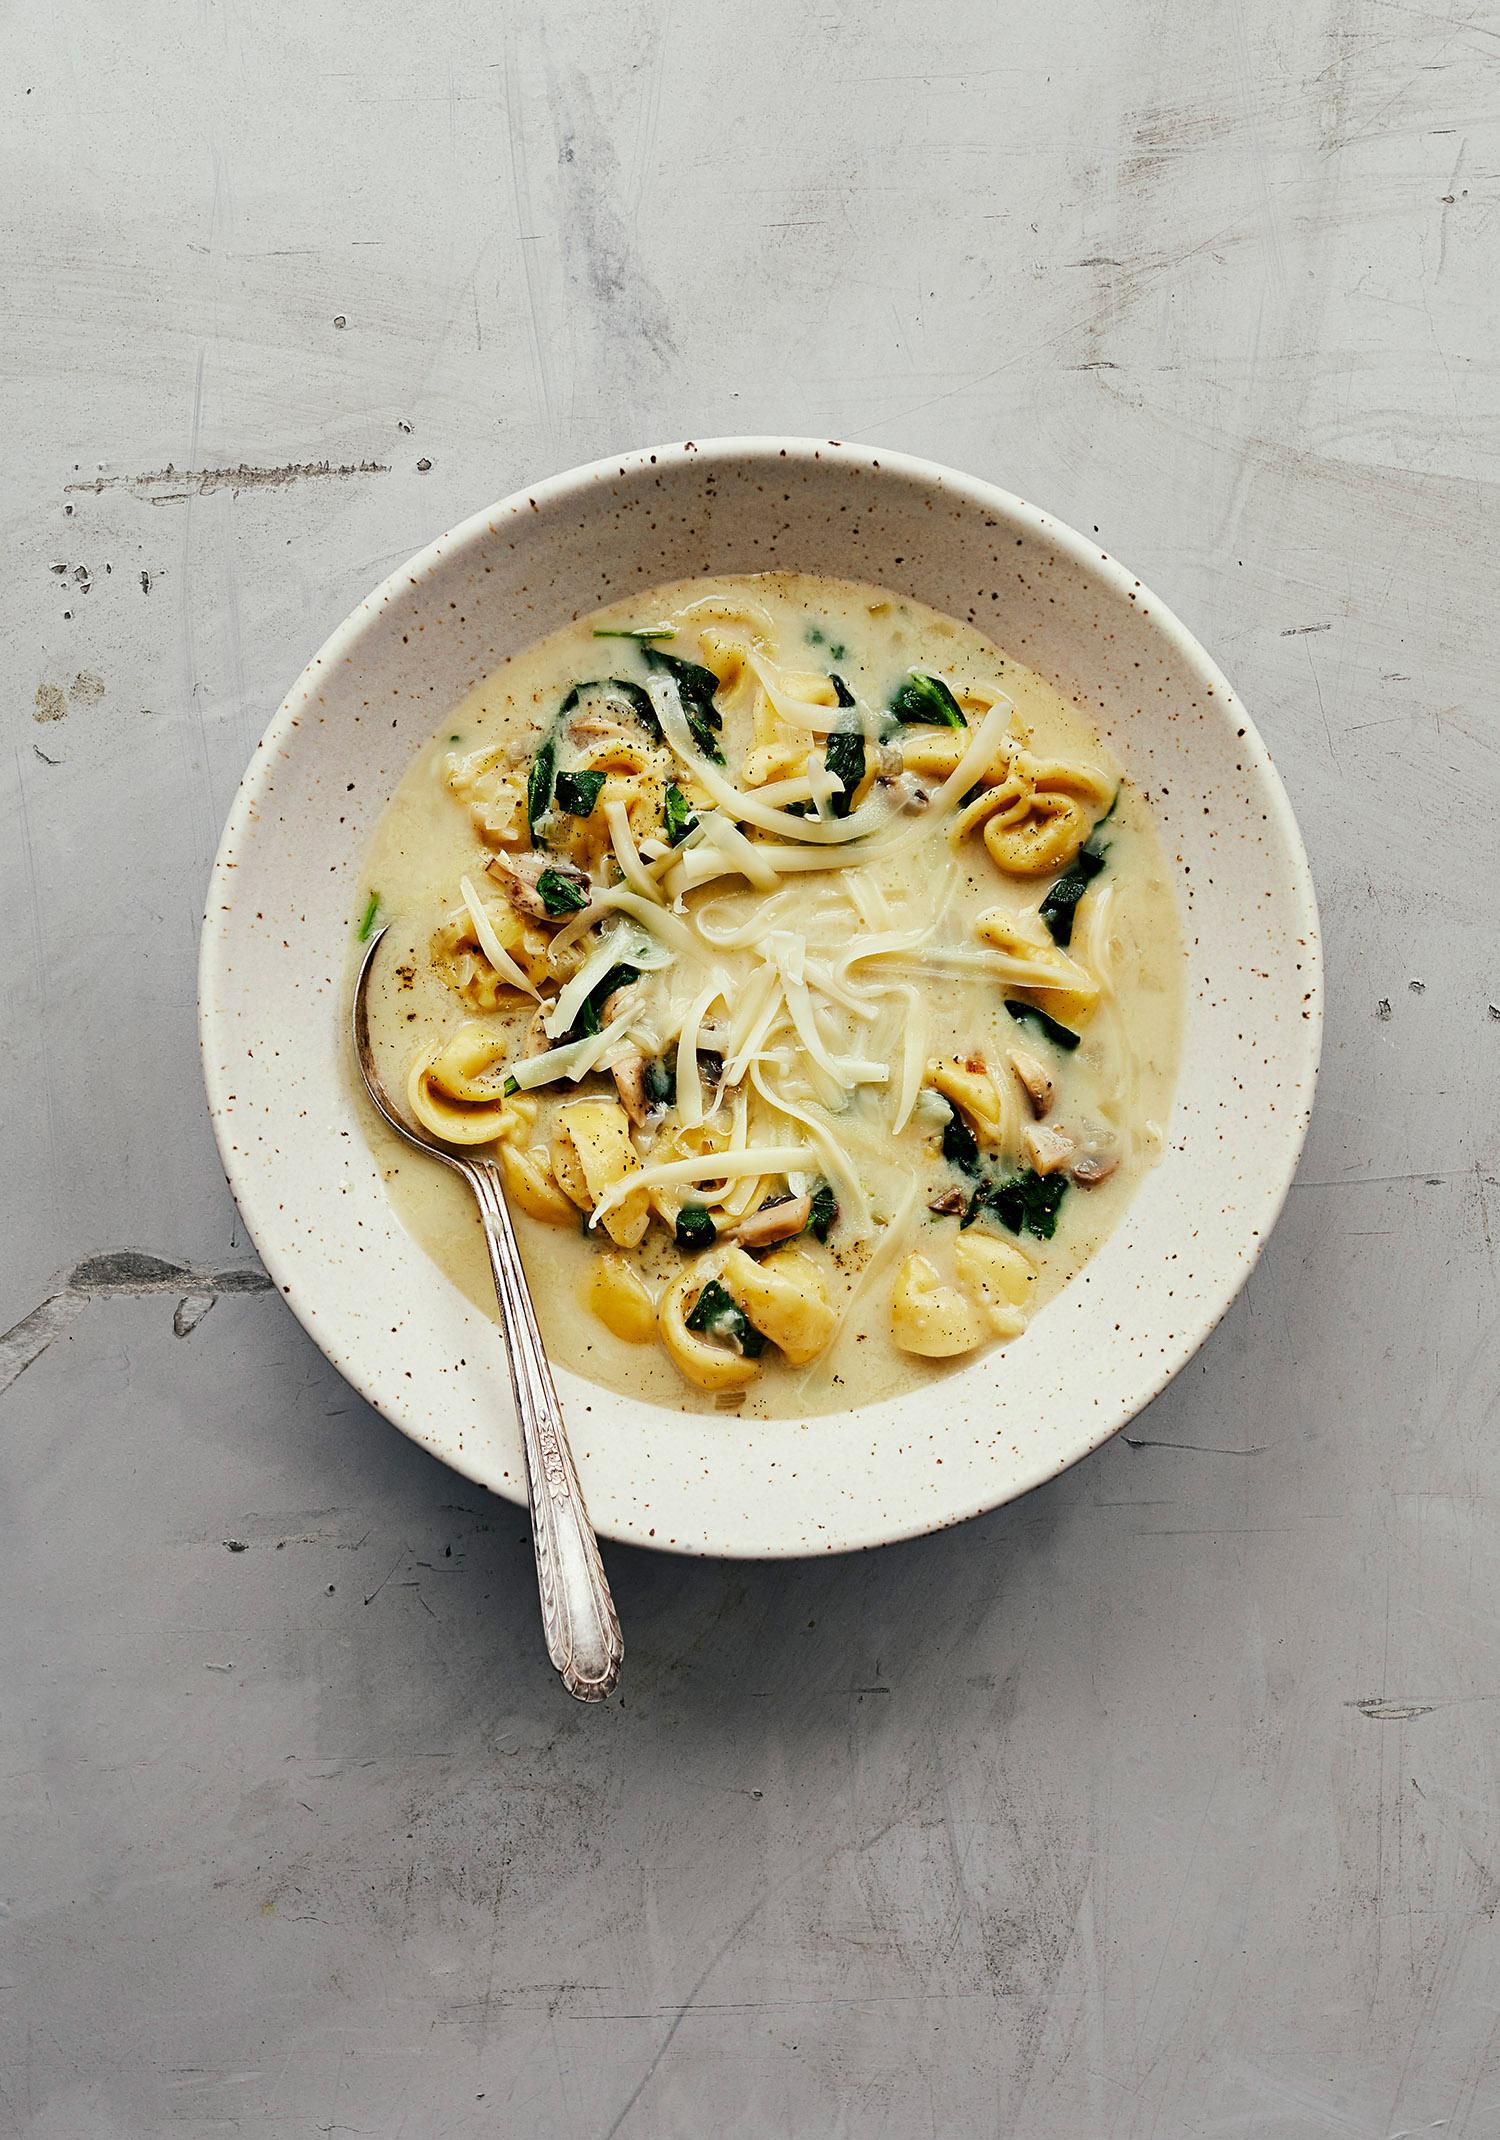 Soupe aux tortellinis, aux champignons & aux épinards